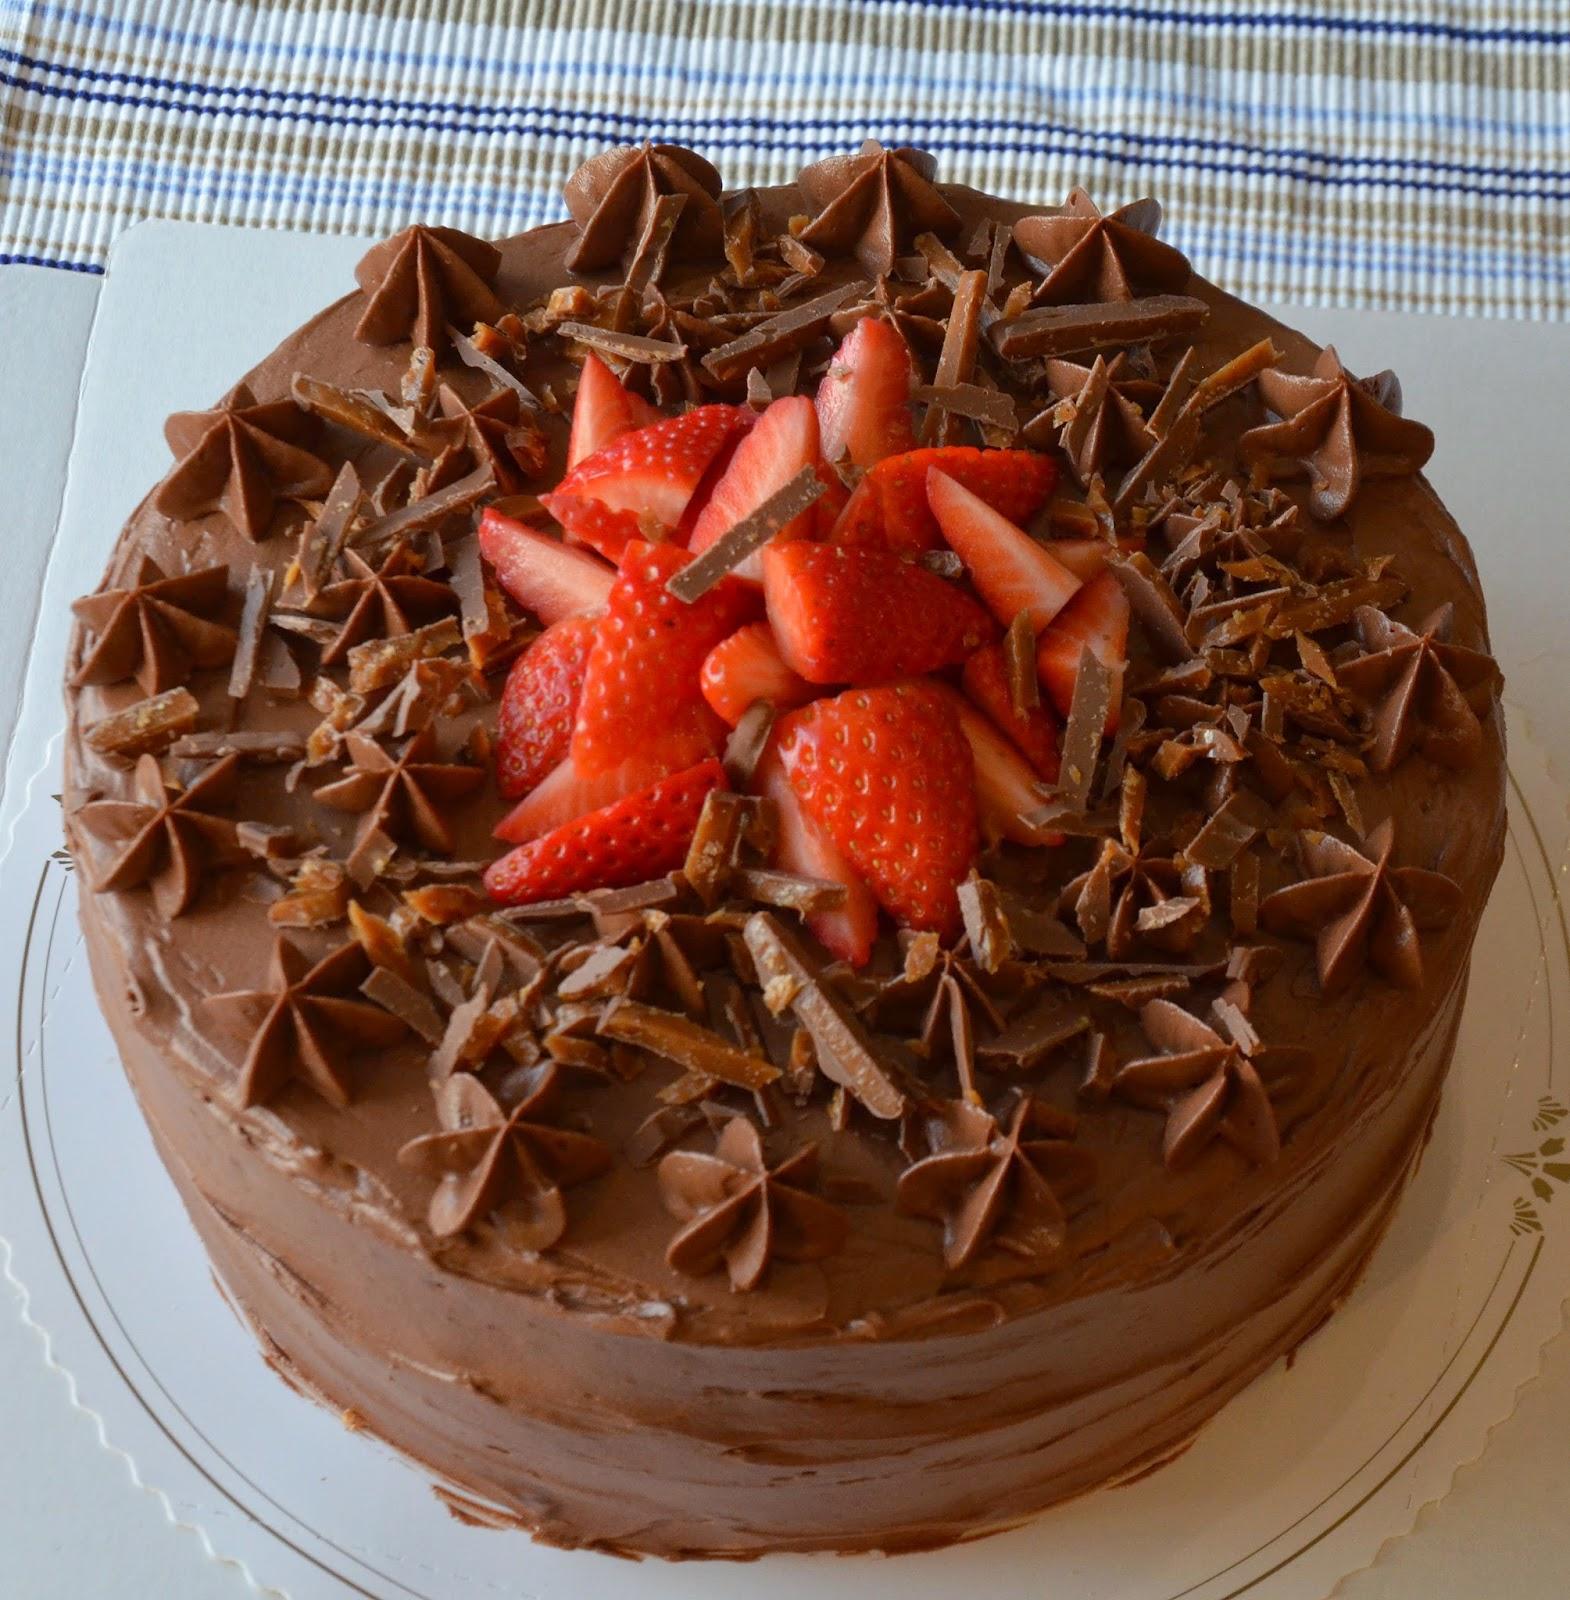 tårta med banan och choklad